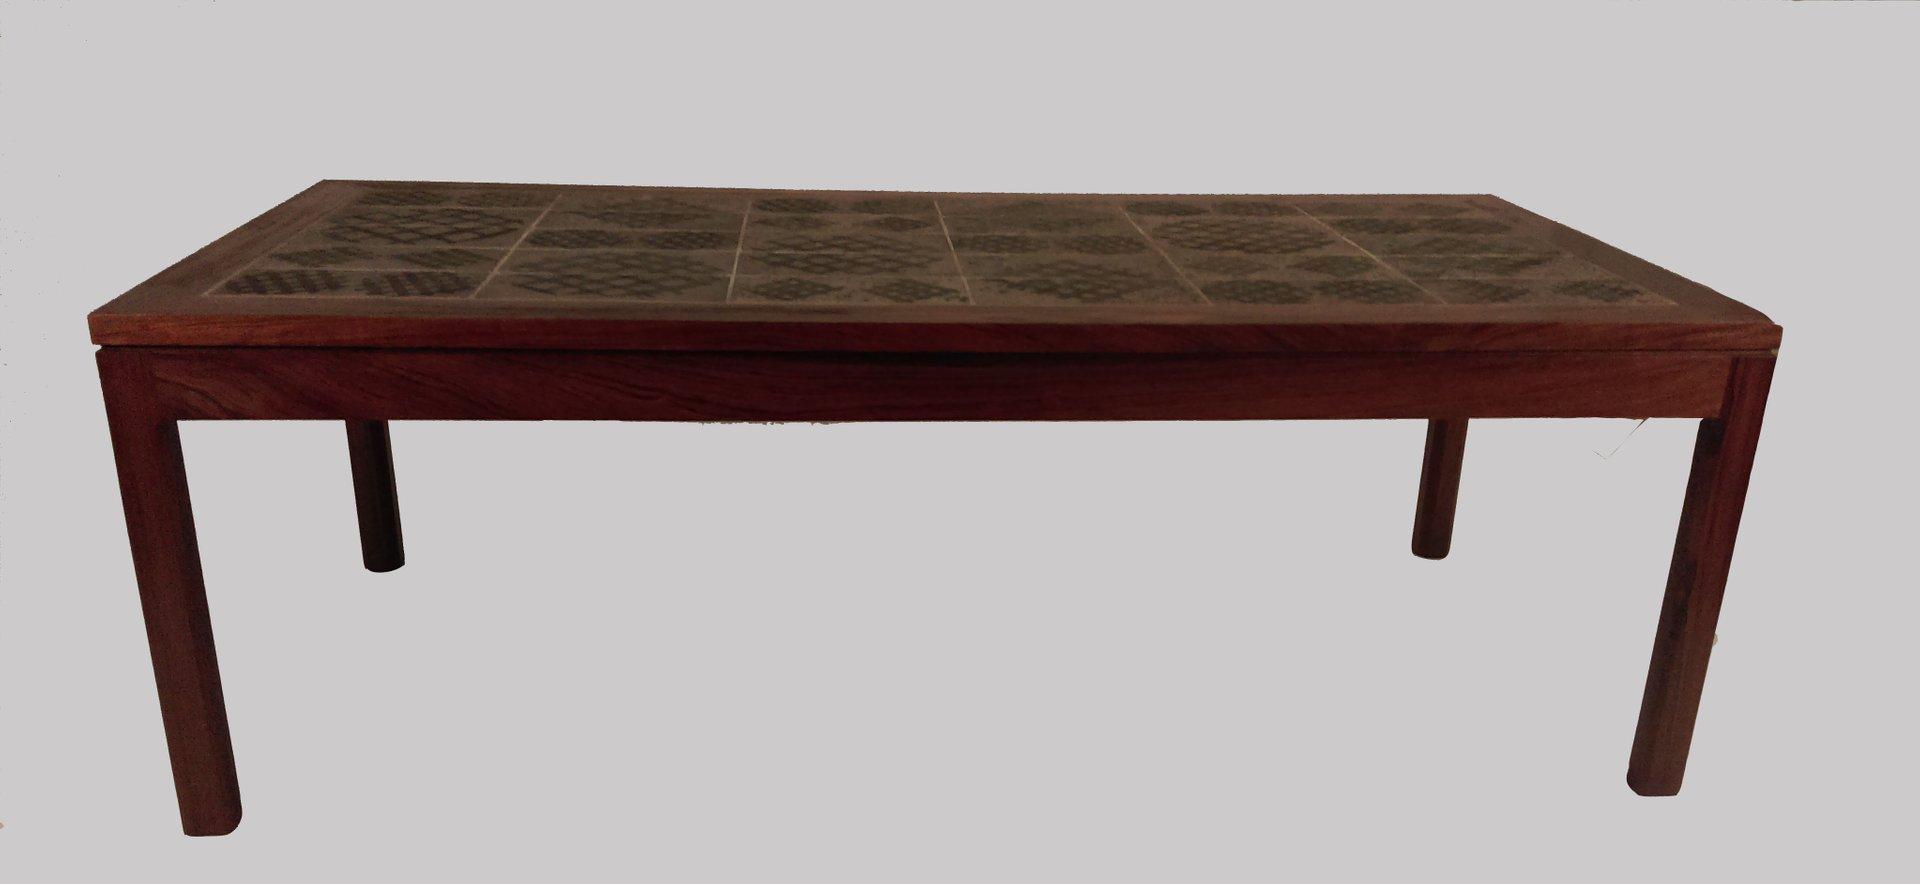 palisander couchtisch mit kacheln von tue poulsen 1960er bei pamono kaufen. Black Bedroom Furniture Sets. Home Design Ideas